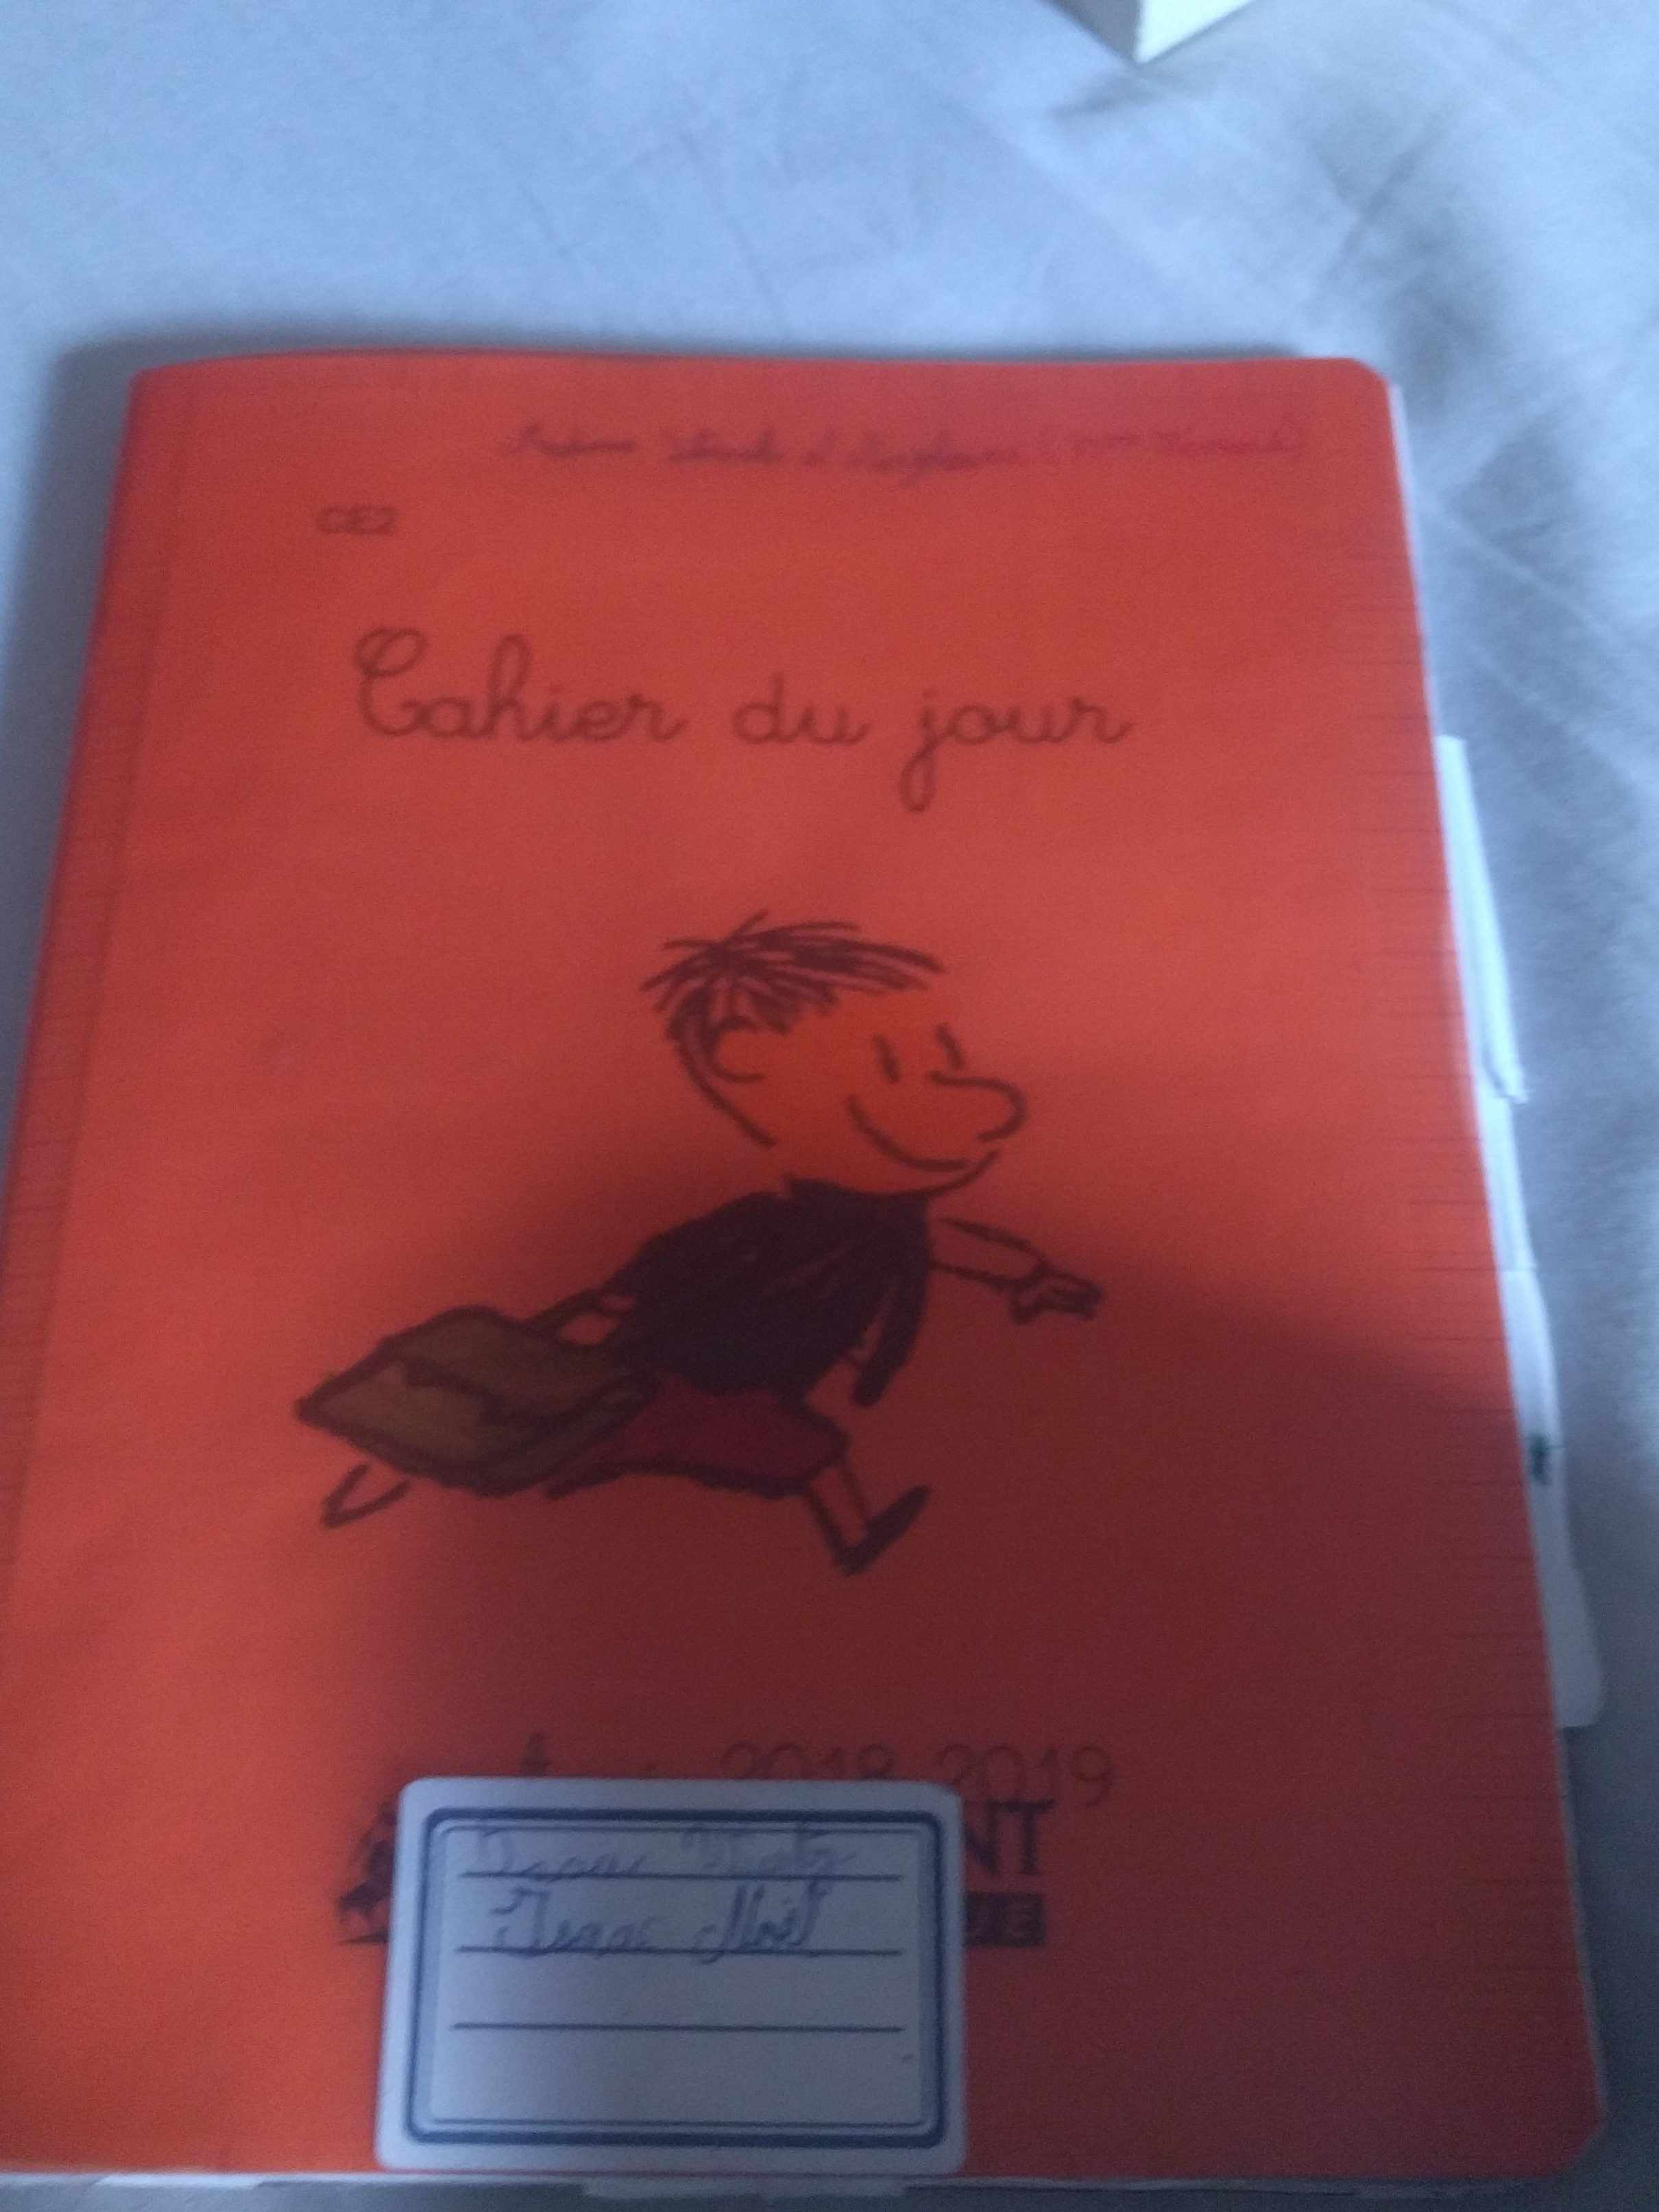 cahier du jour - Product - fr